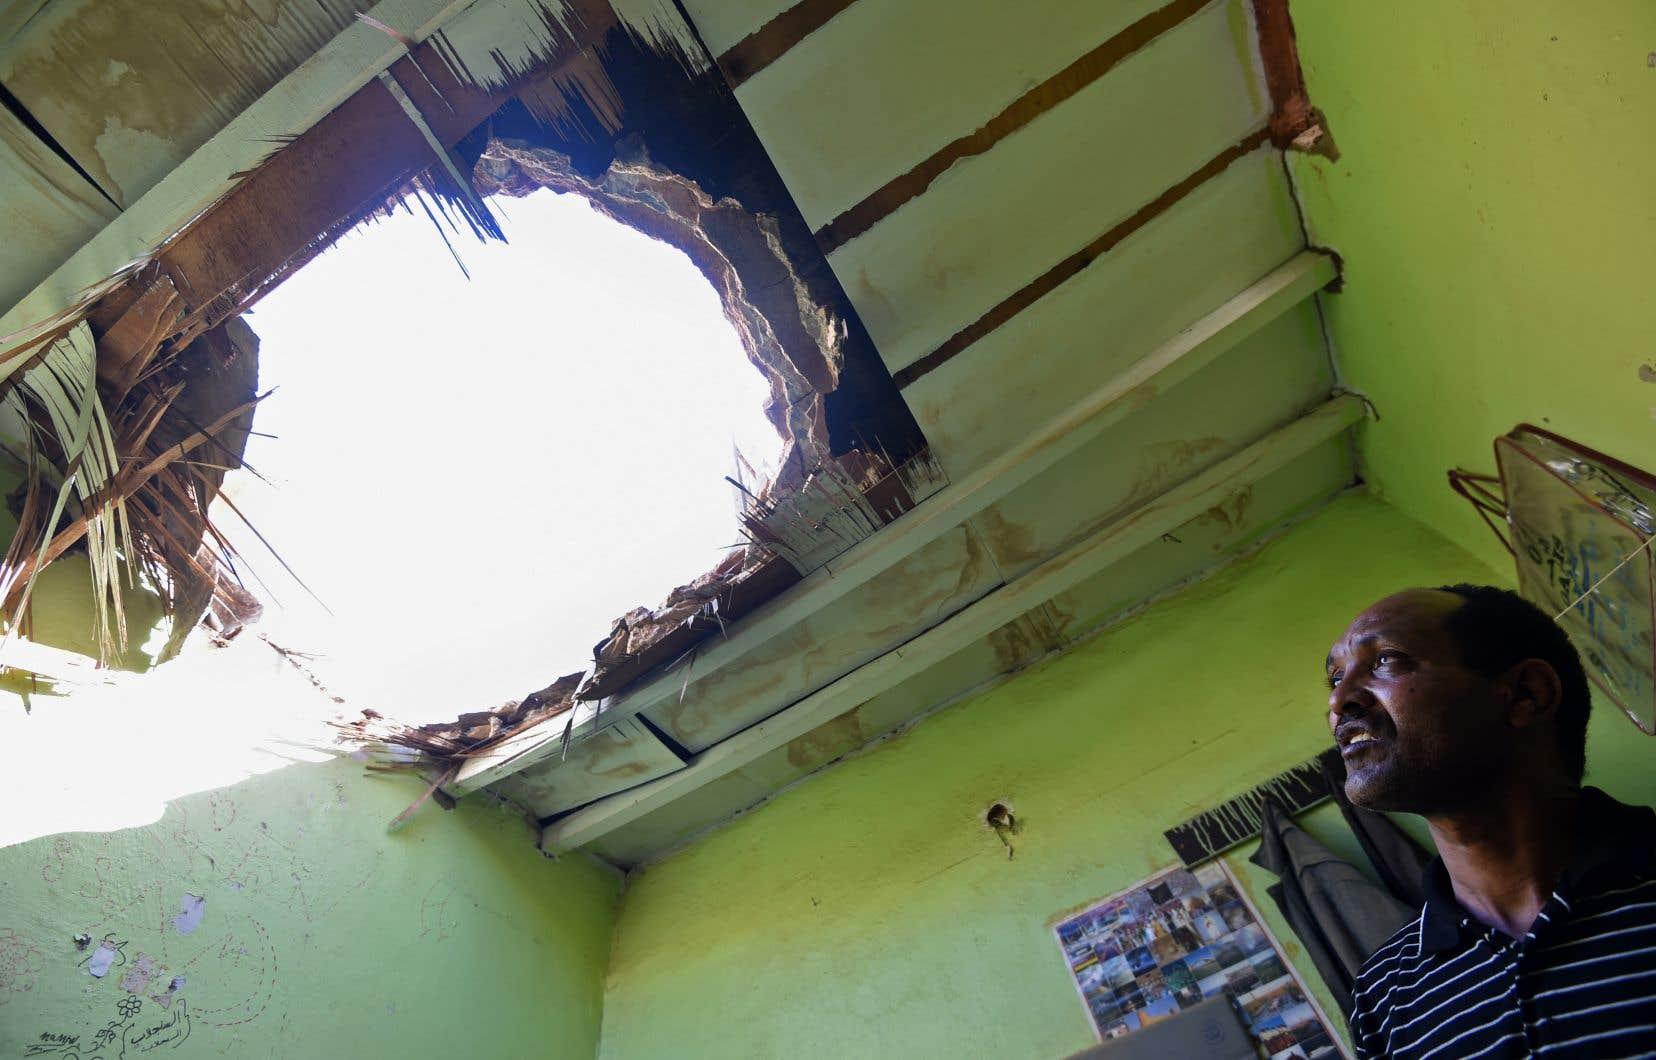 Un travailleur égyptien a été tué et trois autres personnes ont été blessées par la chute de débris sur une habitation à Riyad.